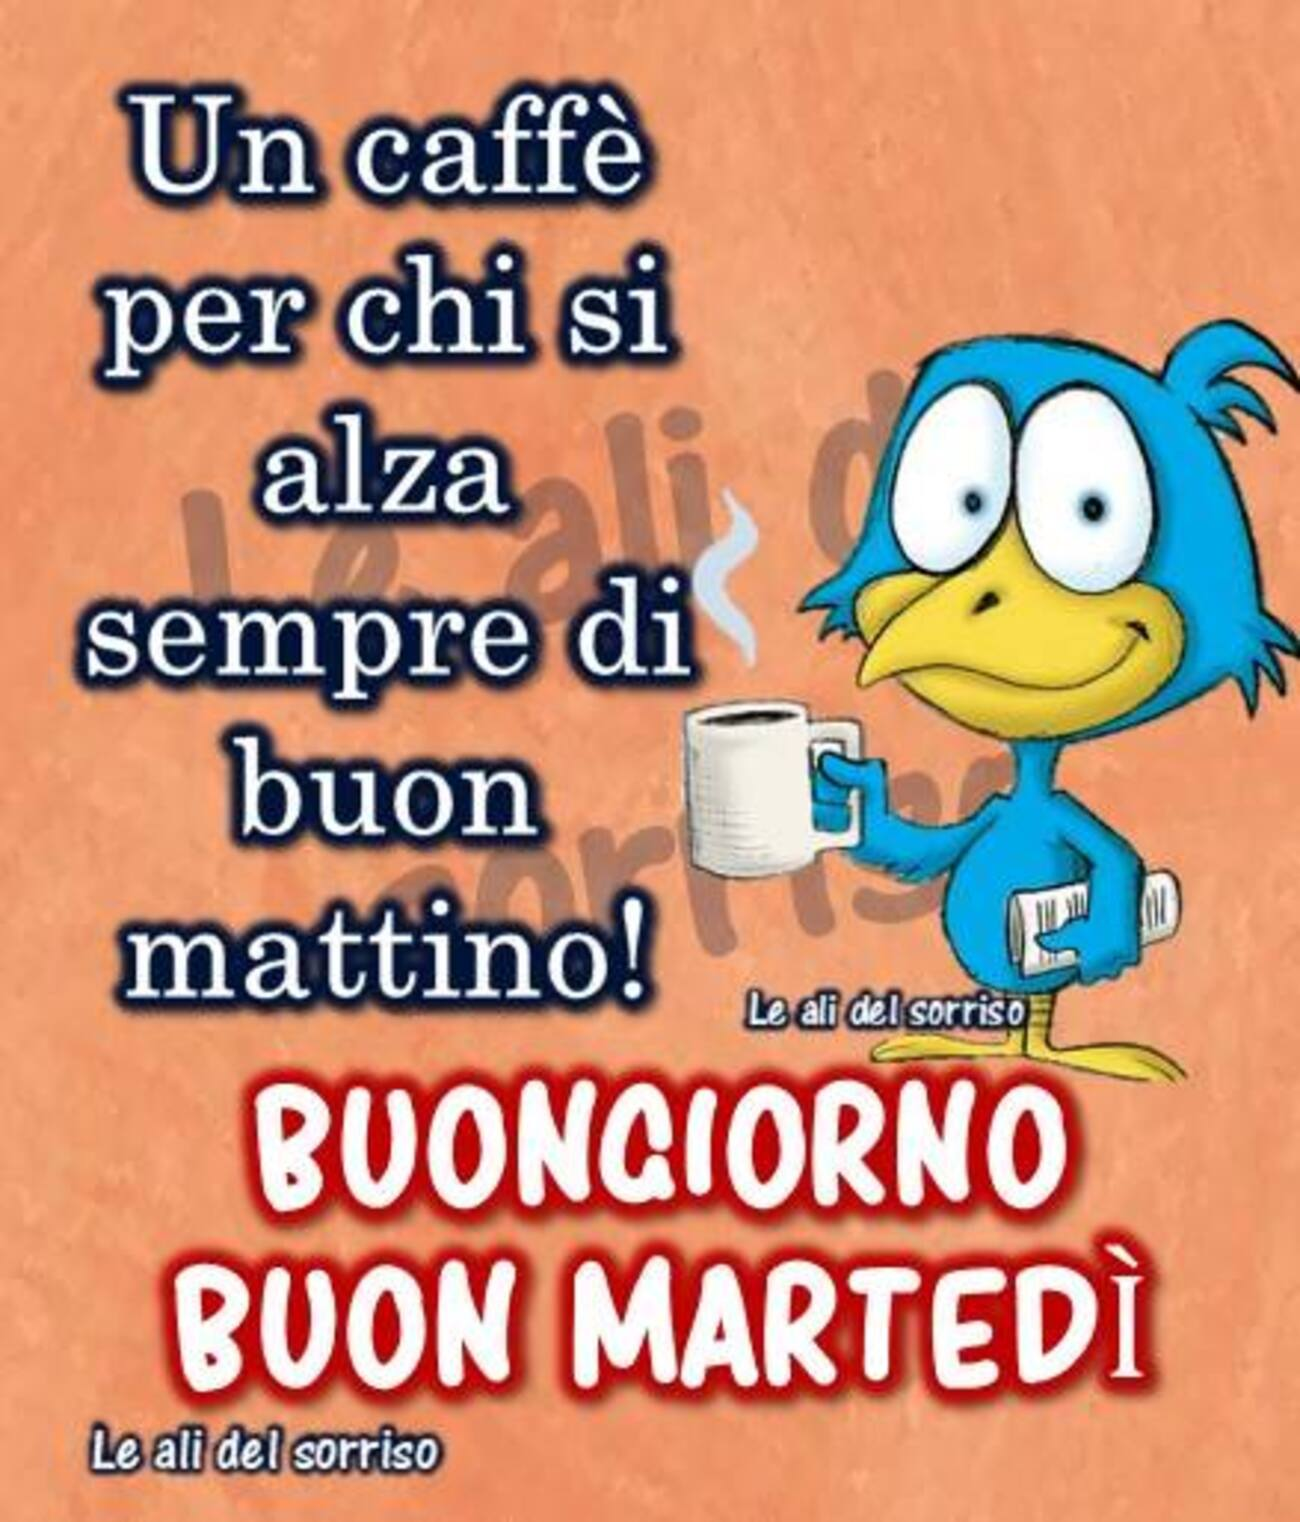 Un caffè per chi si alza sempre di buon mattino! Buongiorno Buon martedì